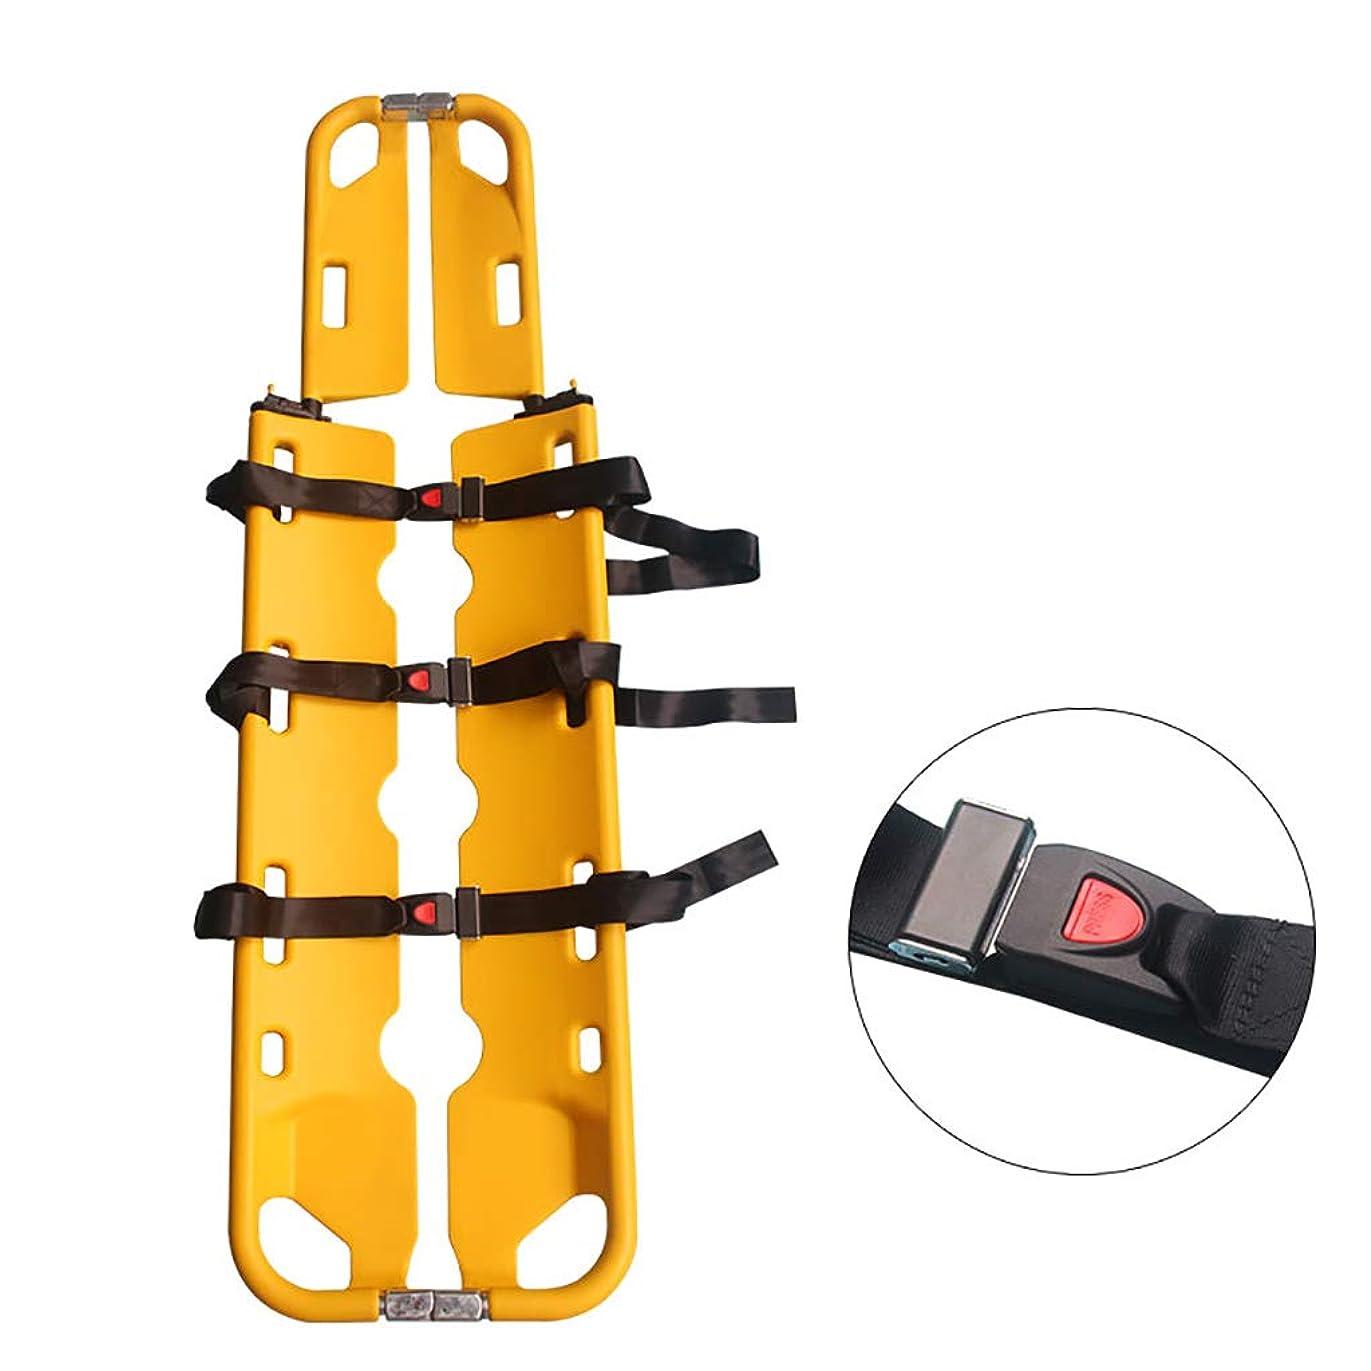 ピアース必要としているヤングX線ヘッドホルダーへの伸縮式折りたたみストレッチャー、プラスチックシャベルストレッチャー医療救急車シャベル